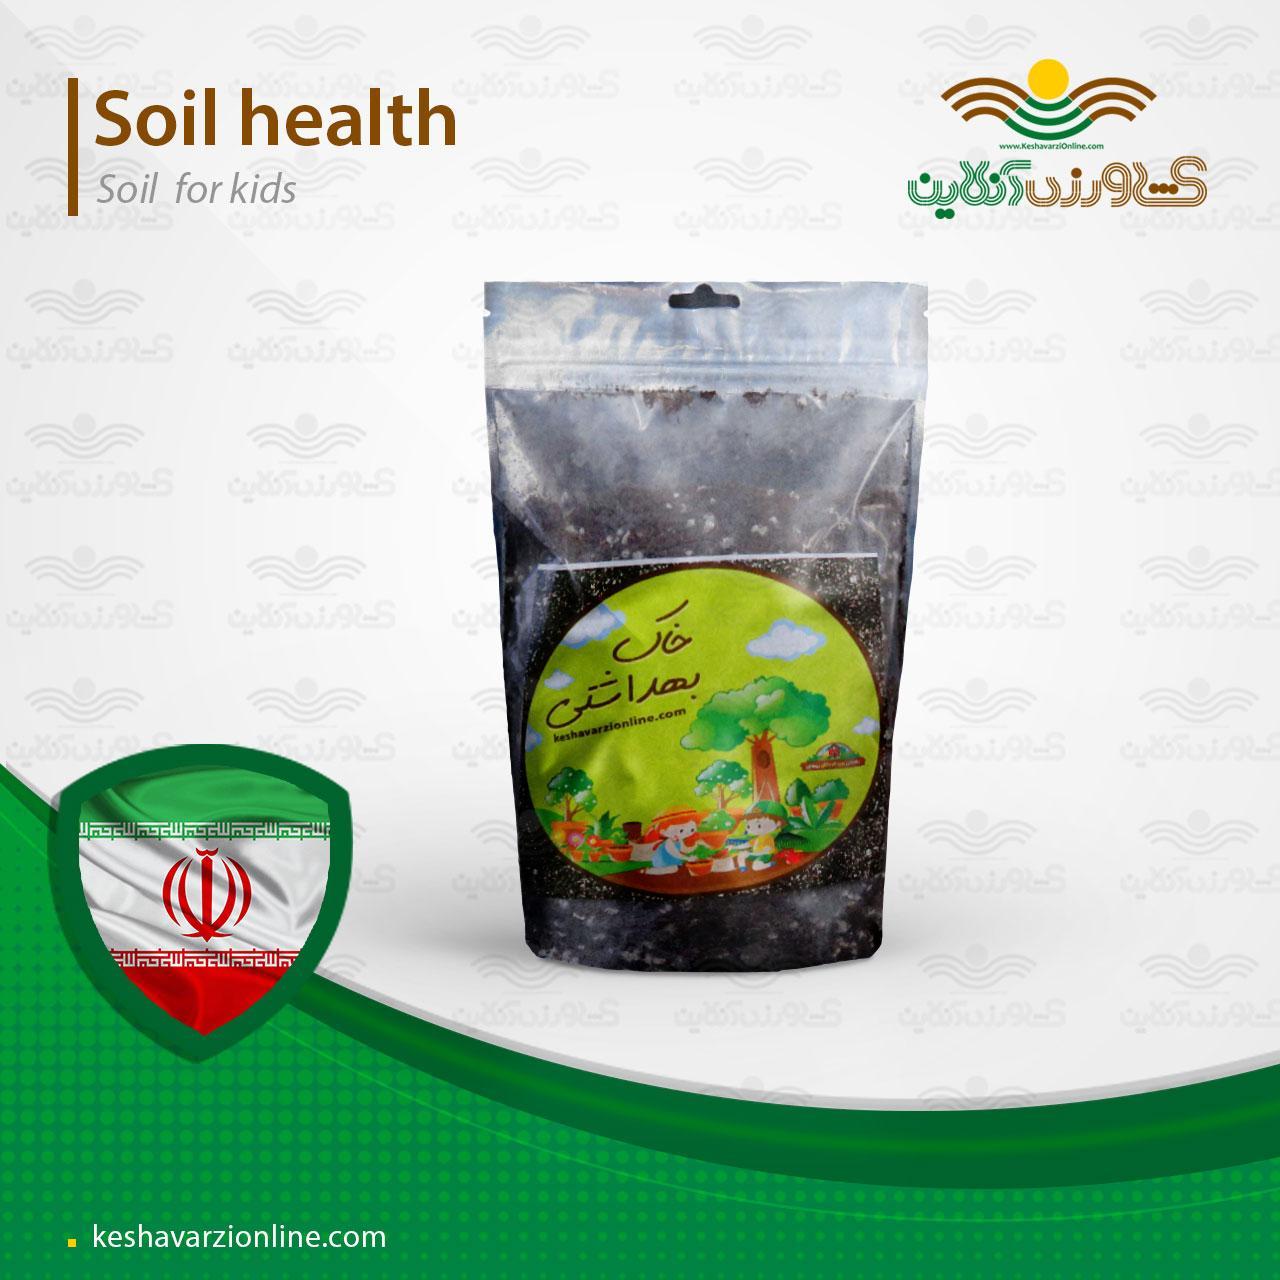 خاک بهداشتی